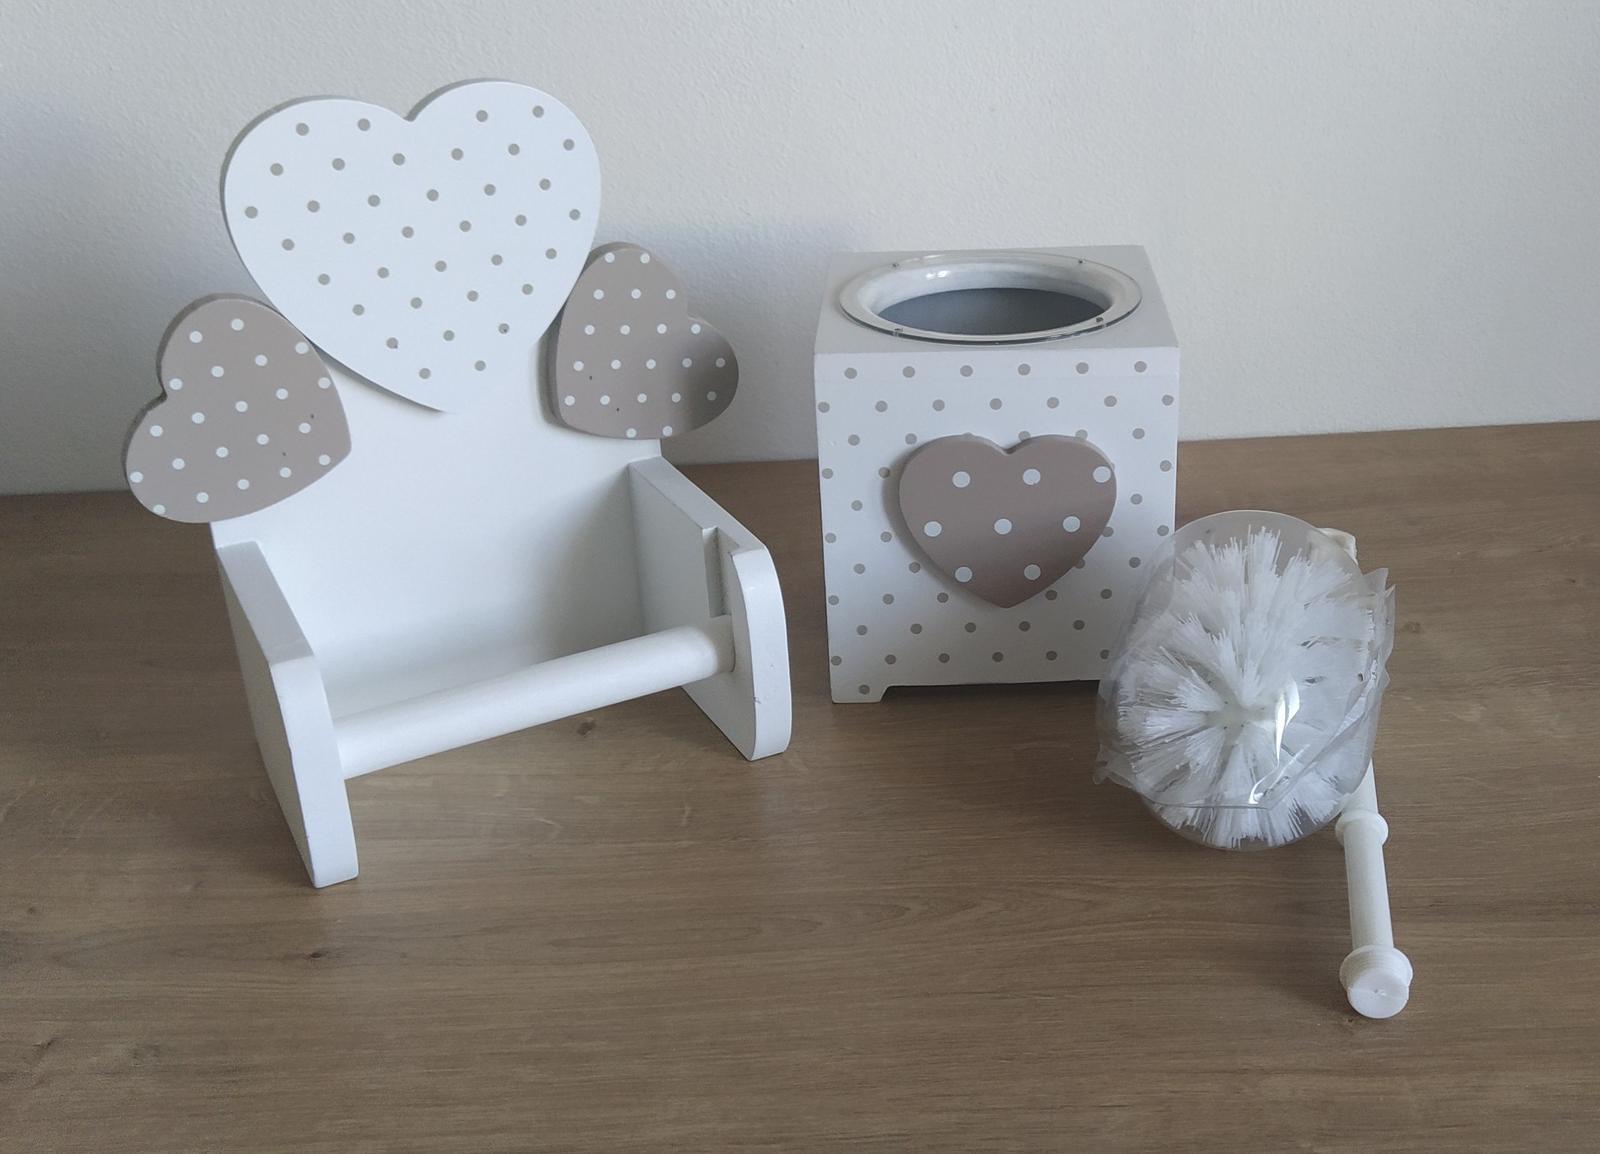 Romantický držiak na toaletný papier a WC kefa - Obrázok č. 1